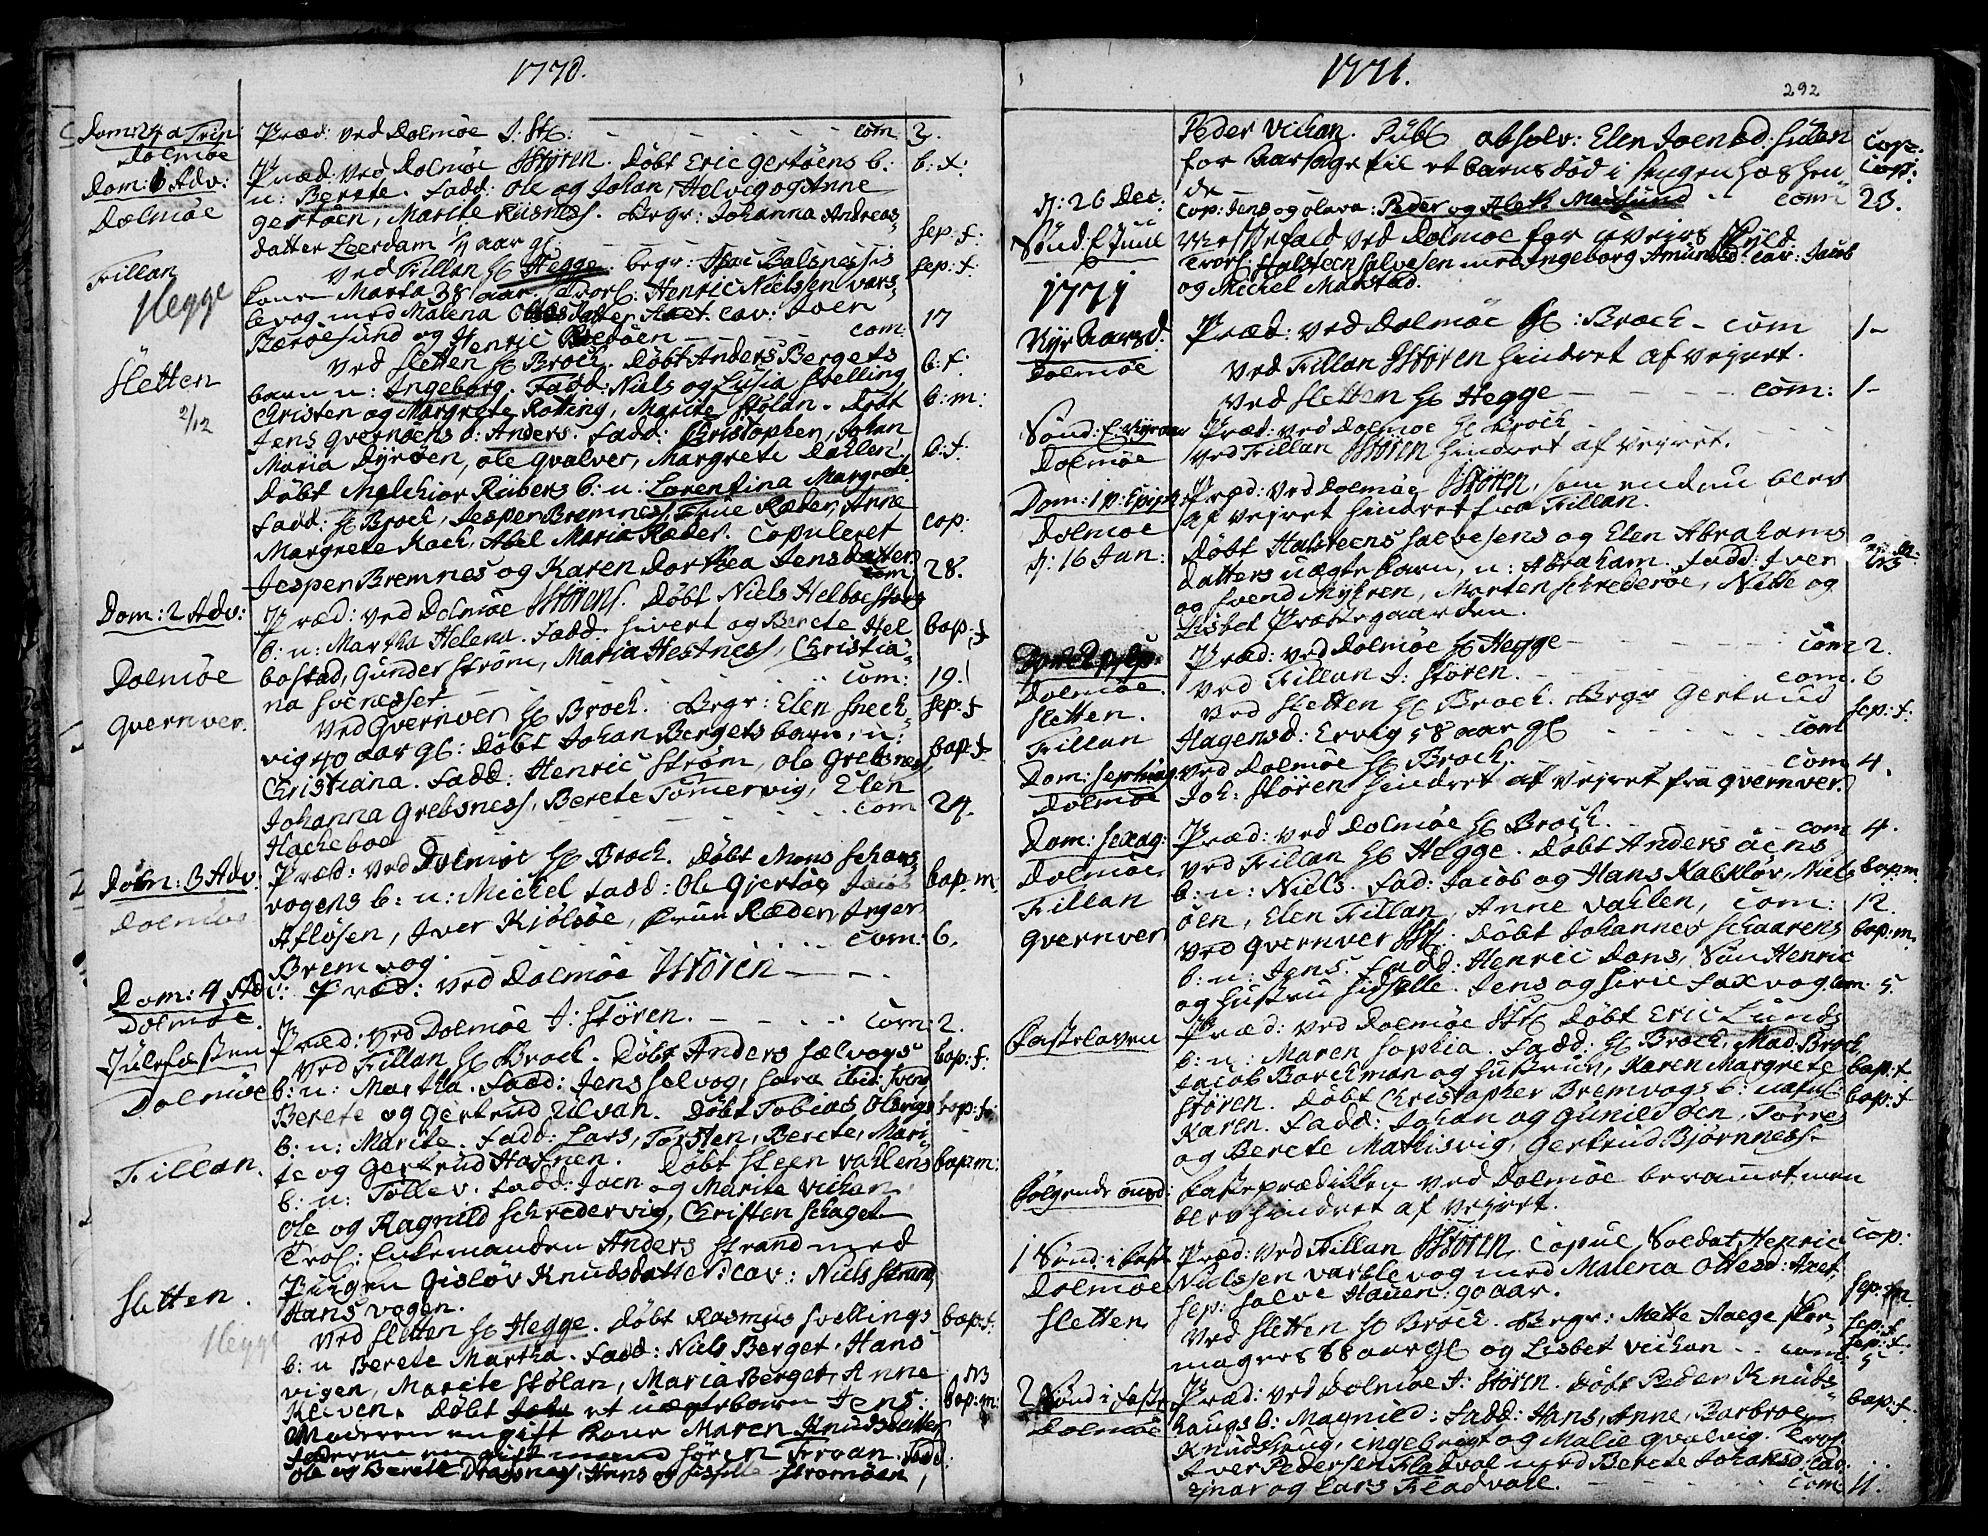 SAT, Ministerialprotokoller, klokkerbøker og fødselsregistre - Sør-Trøndelag, 634/L0525: Ministerialbok nr. 634A01, 1736-1775, s. 292